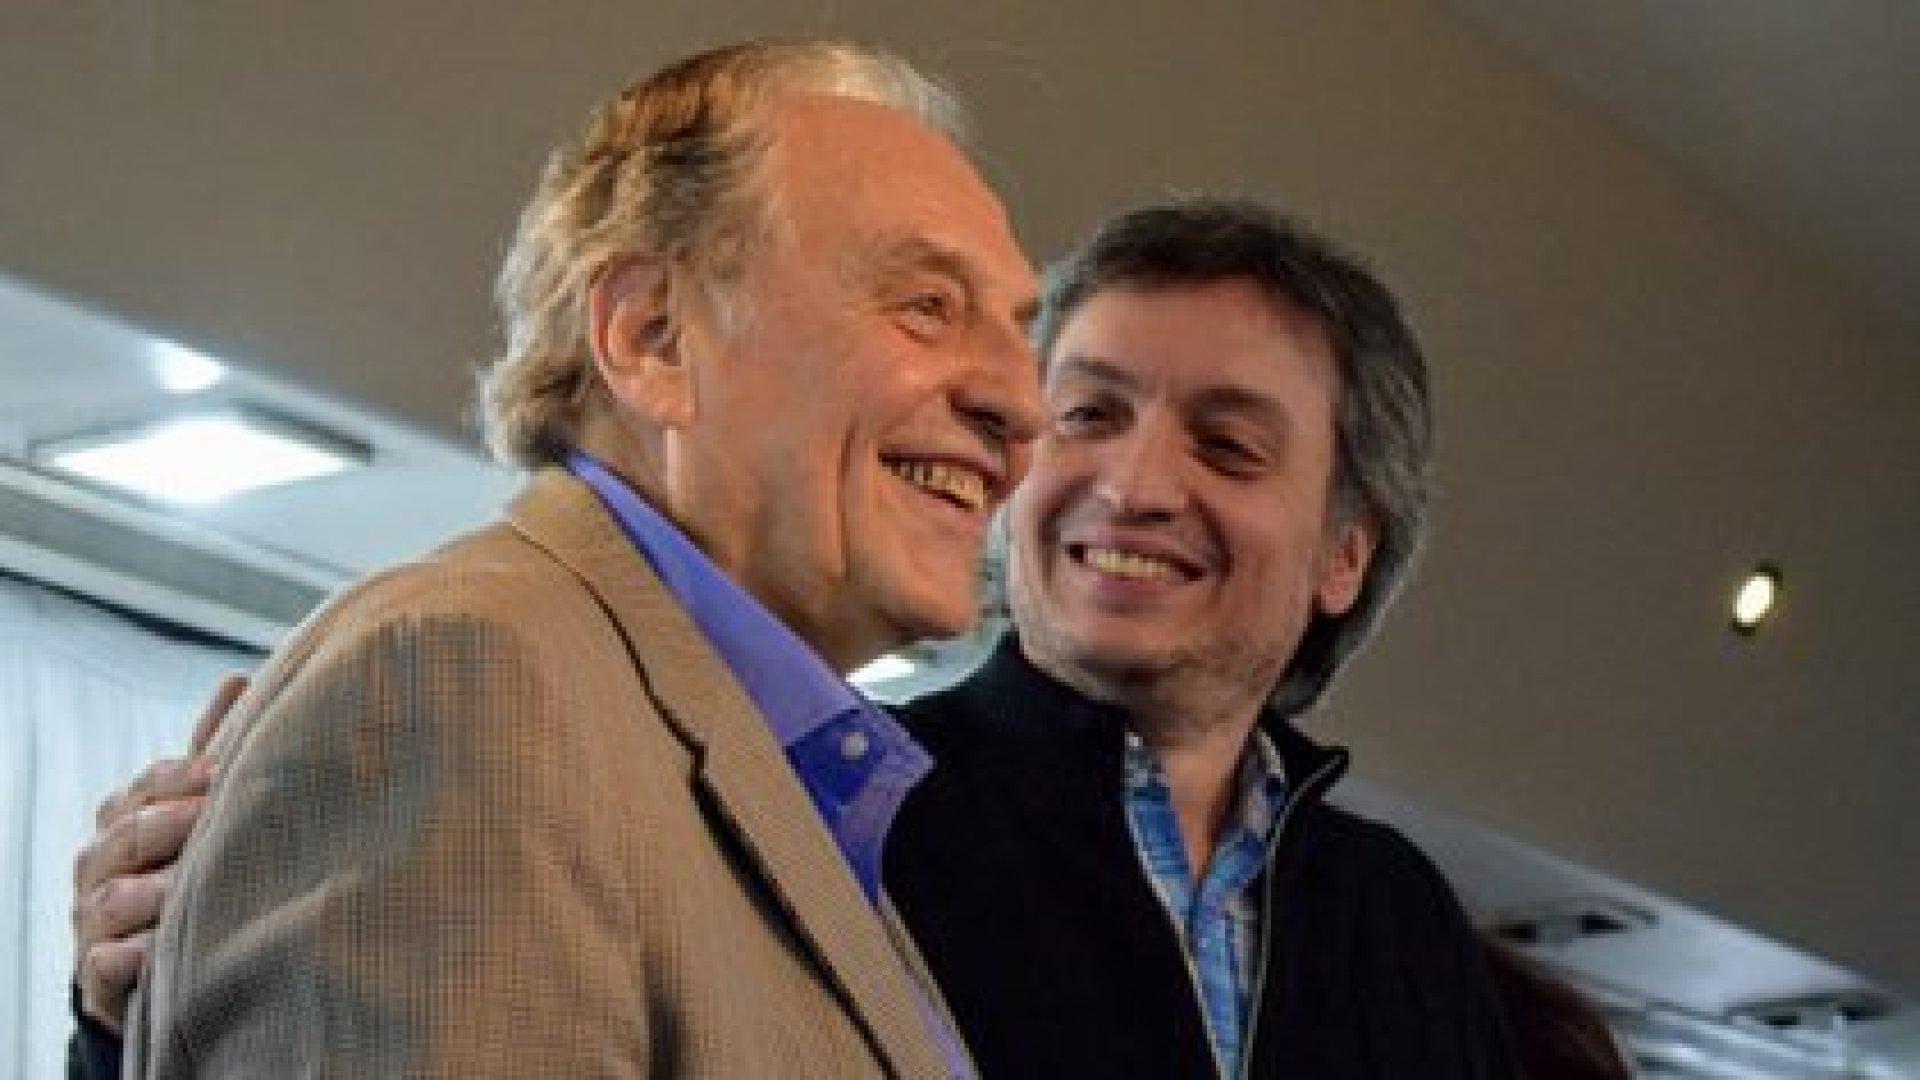 Carlos Heller y Máximo Kirchner. los diputados que impulsaron el impuesto a la riqueza